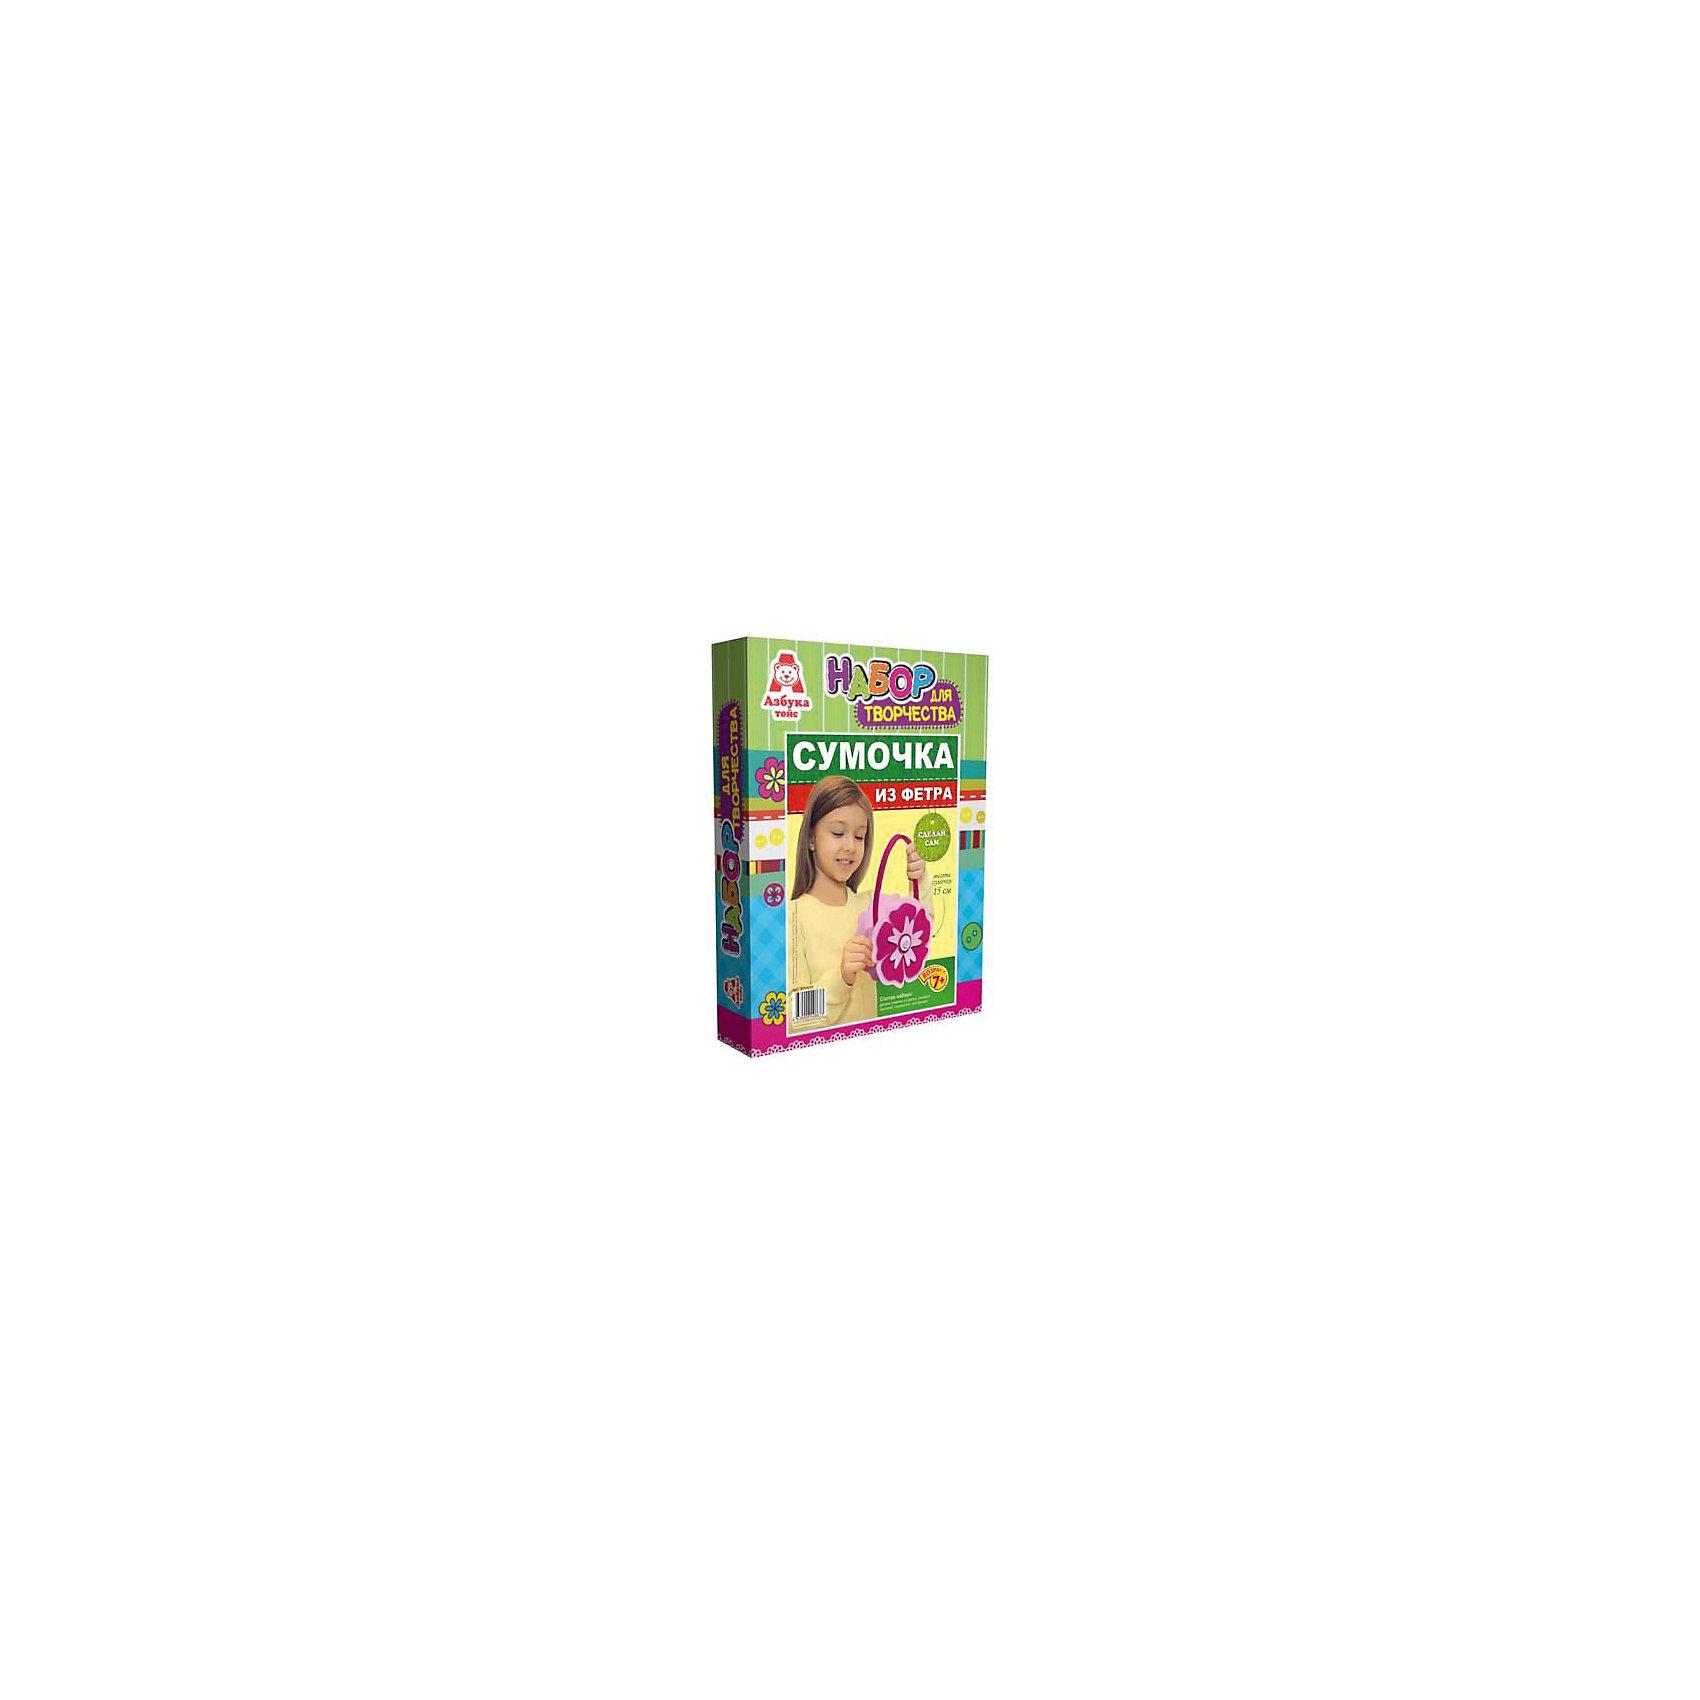 Сумочка из фетра ЦветокРукоделие<br>Сумочка из фетра Цветок, Азбука Тойс.<br><br>Характеристики:<br><br>• готовая сумочка прекрасно сохраняет форму<br>• легко изготовить<br>• яркие материалы<br>• высота сумочки: 15 см<br>• в комплекте: детали из фетра, термоклей, клеевой пистолет<br>• размер упаковки: 28х5х21 см<br>• вес: 178 грамм<br><br>Яркая сумочка из фетра от торговой марки Азбука Тойс станет прекрасным дополнением к образу маленькой модницы. С помощью набора Цветок девочка сможет создать стильную сумочку самостоятельно. Для этого достаточно лишь соединить детали из фетра при помощи клеевого пистолета и термоклея. Готовая сумка подойдет для хранения небольших предметов или косметики. А яркий дизайн сумочки в виде цветка всегда будет радовать маленькую леди!<br><br>Сумочка из фетра Цветок, Азбука Тойс вы можете купить в нашем интернет-магазине.<br><br>Ширина мм: 210<br>Глубина мм: 50<br>Высота мм: 280<br>Вес г: 178<br>Возраст от месяцев: 84<br>Возраст до месяцев: 144<br>Пол: Женский<br>Возраст: Детский<br>SKU: 5062979